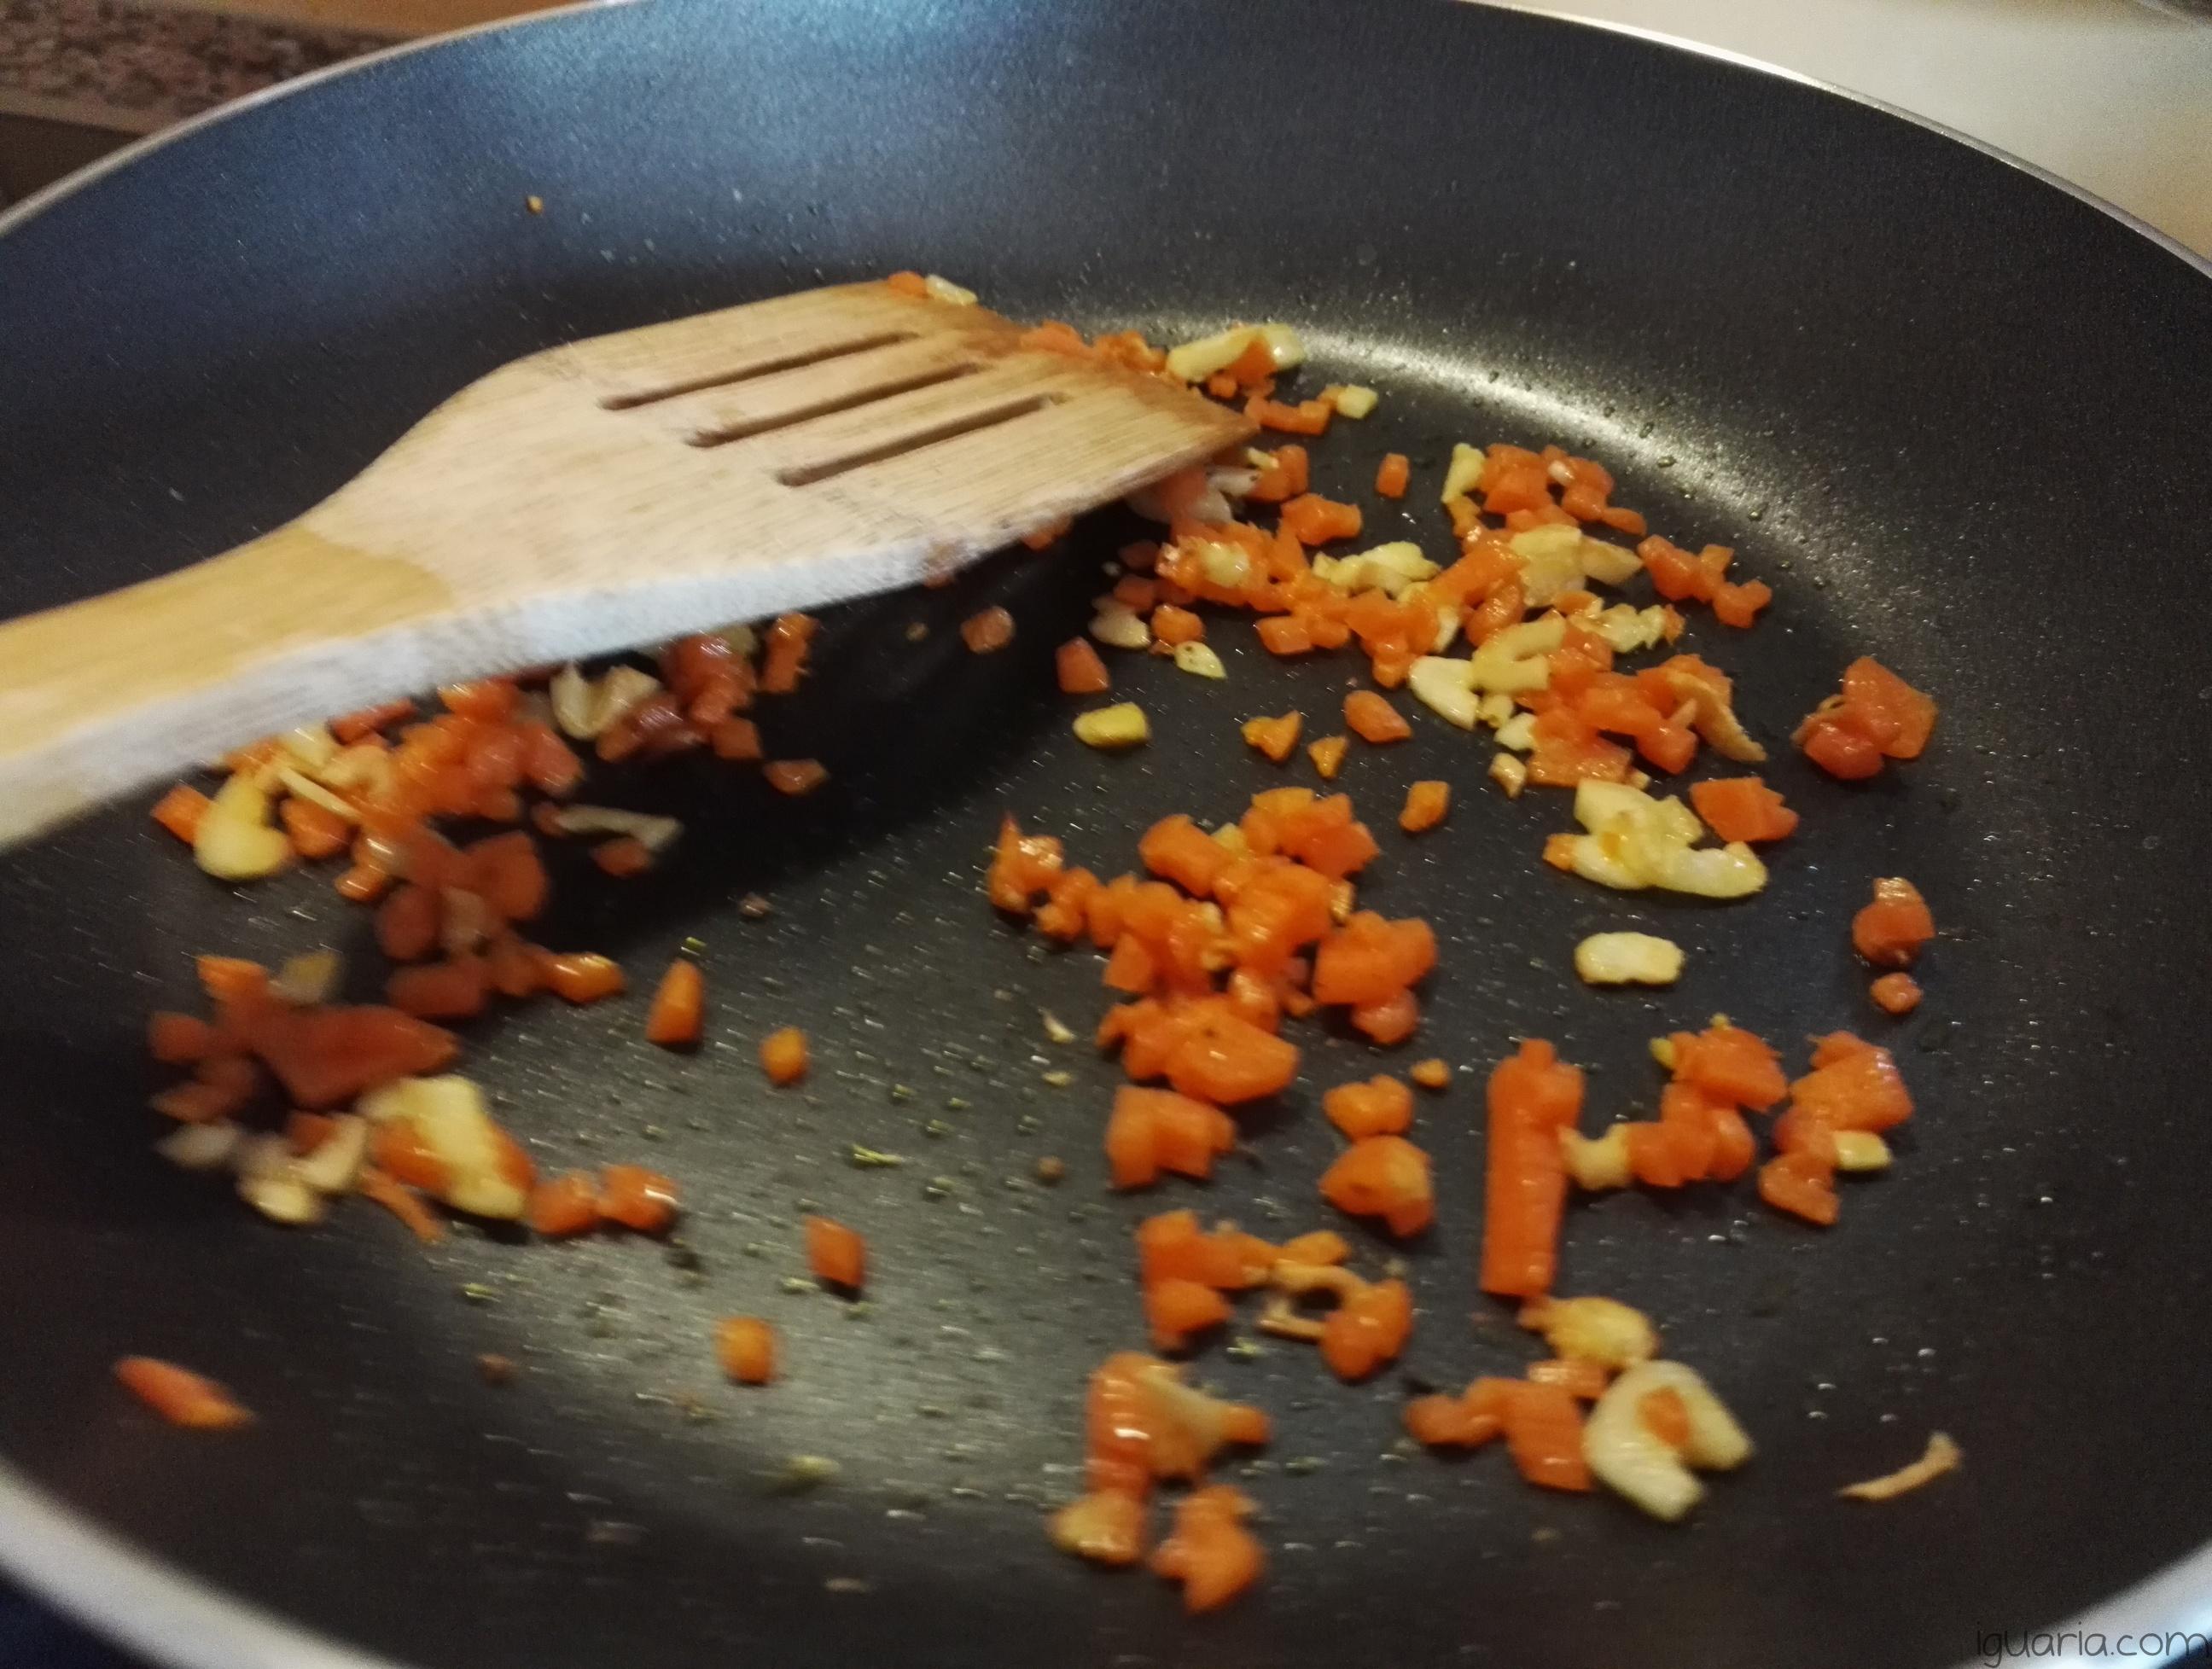 iguaria-cenoura-alho-fritos